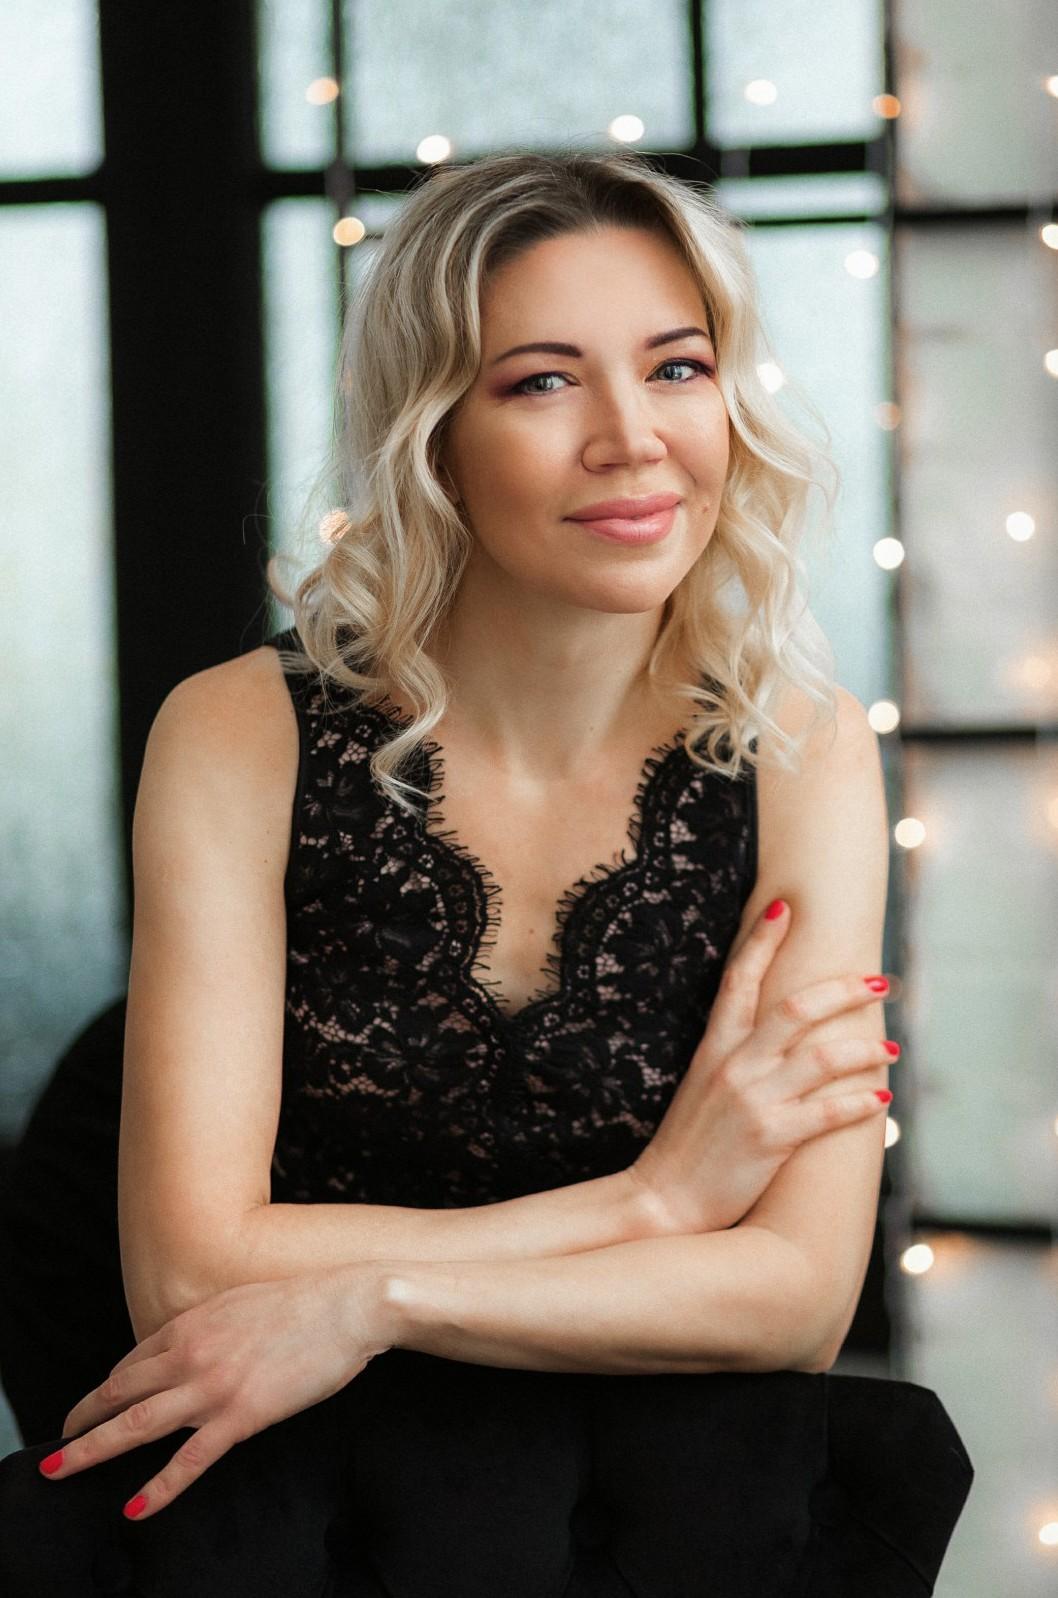 Agence matrimoniale rencontre de Elena  femme célibataire de 44 ans, Viry-Châtillon.